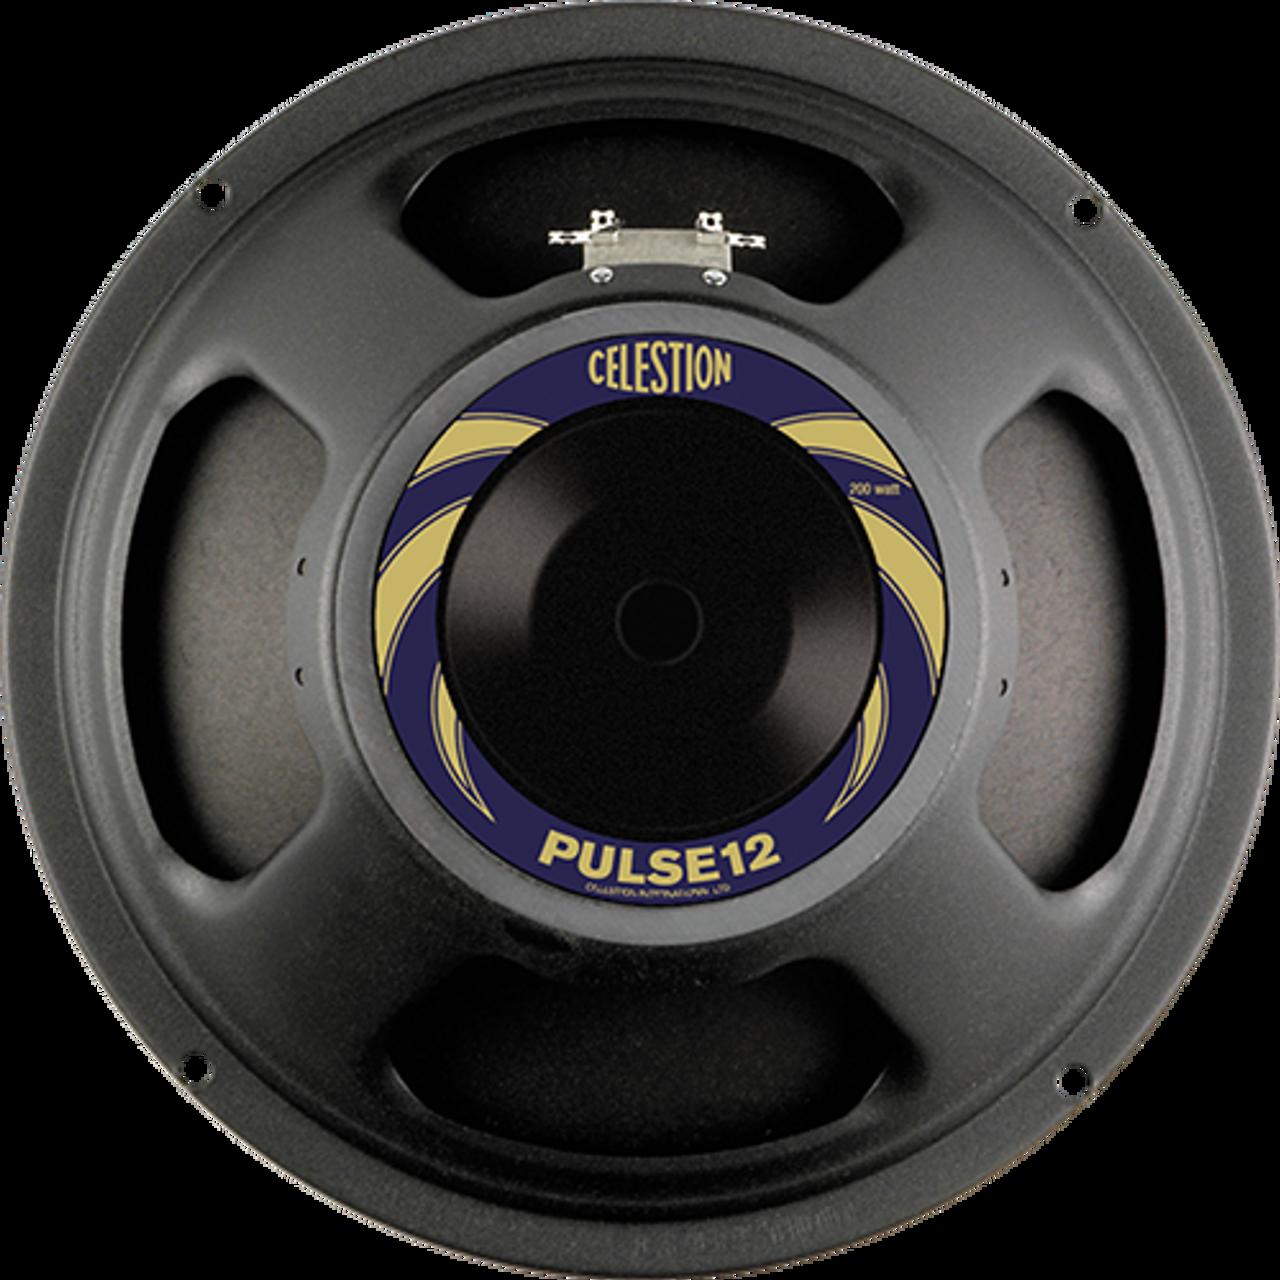 Celestion PULSE12 - 200W 8ohms